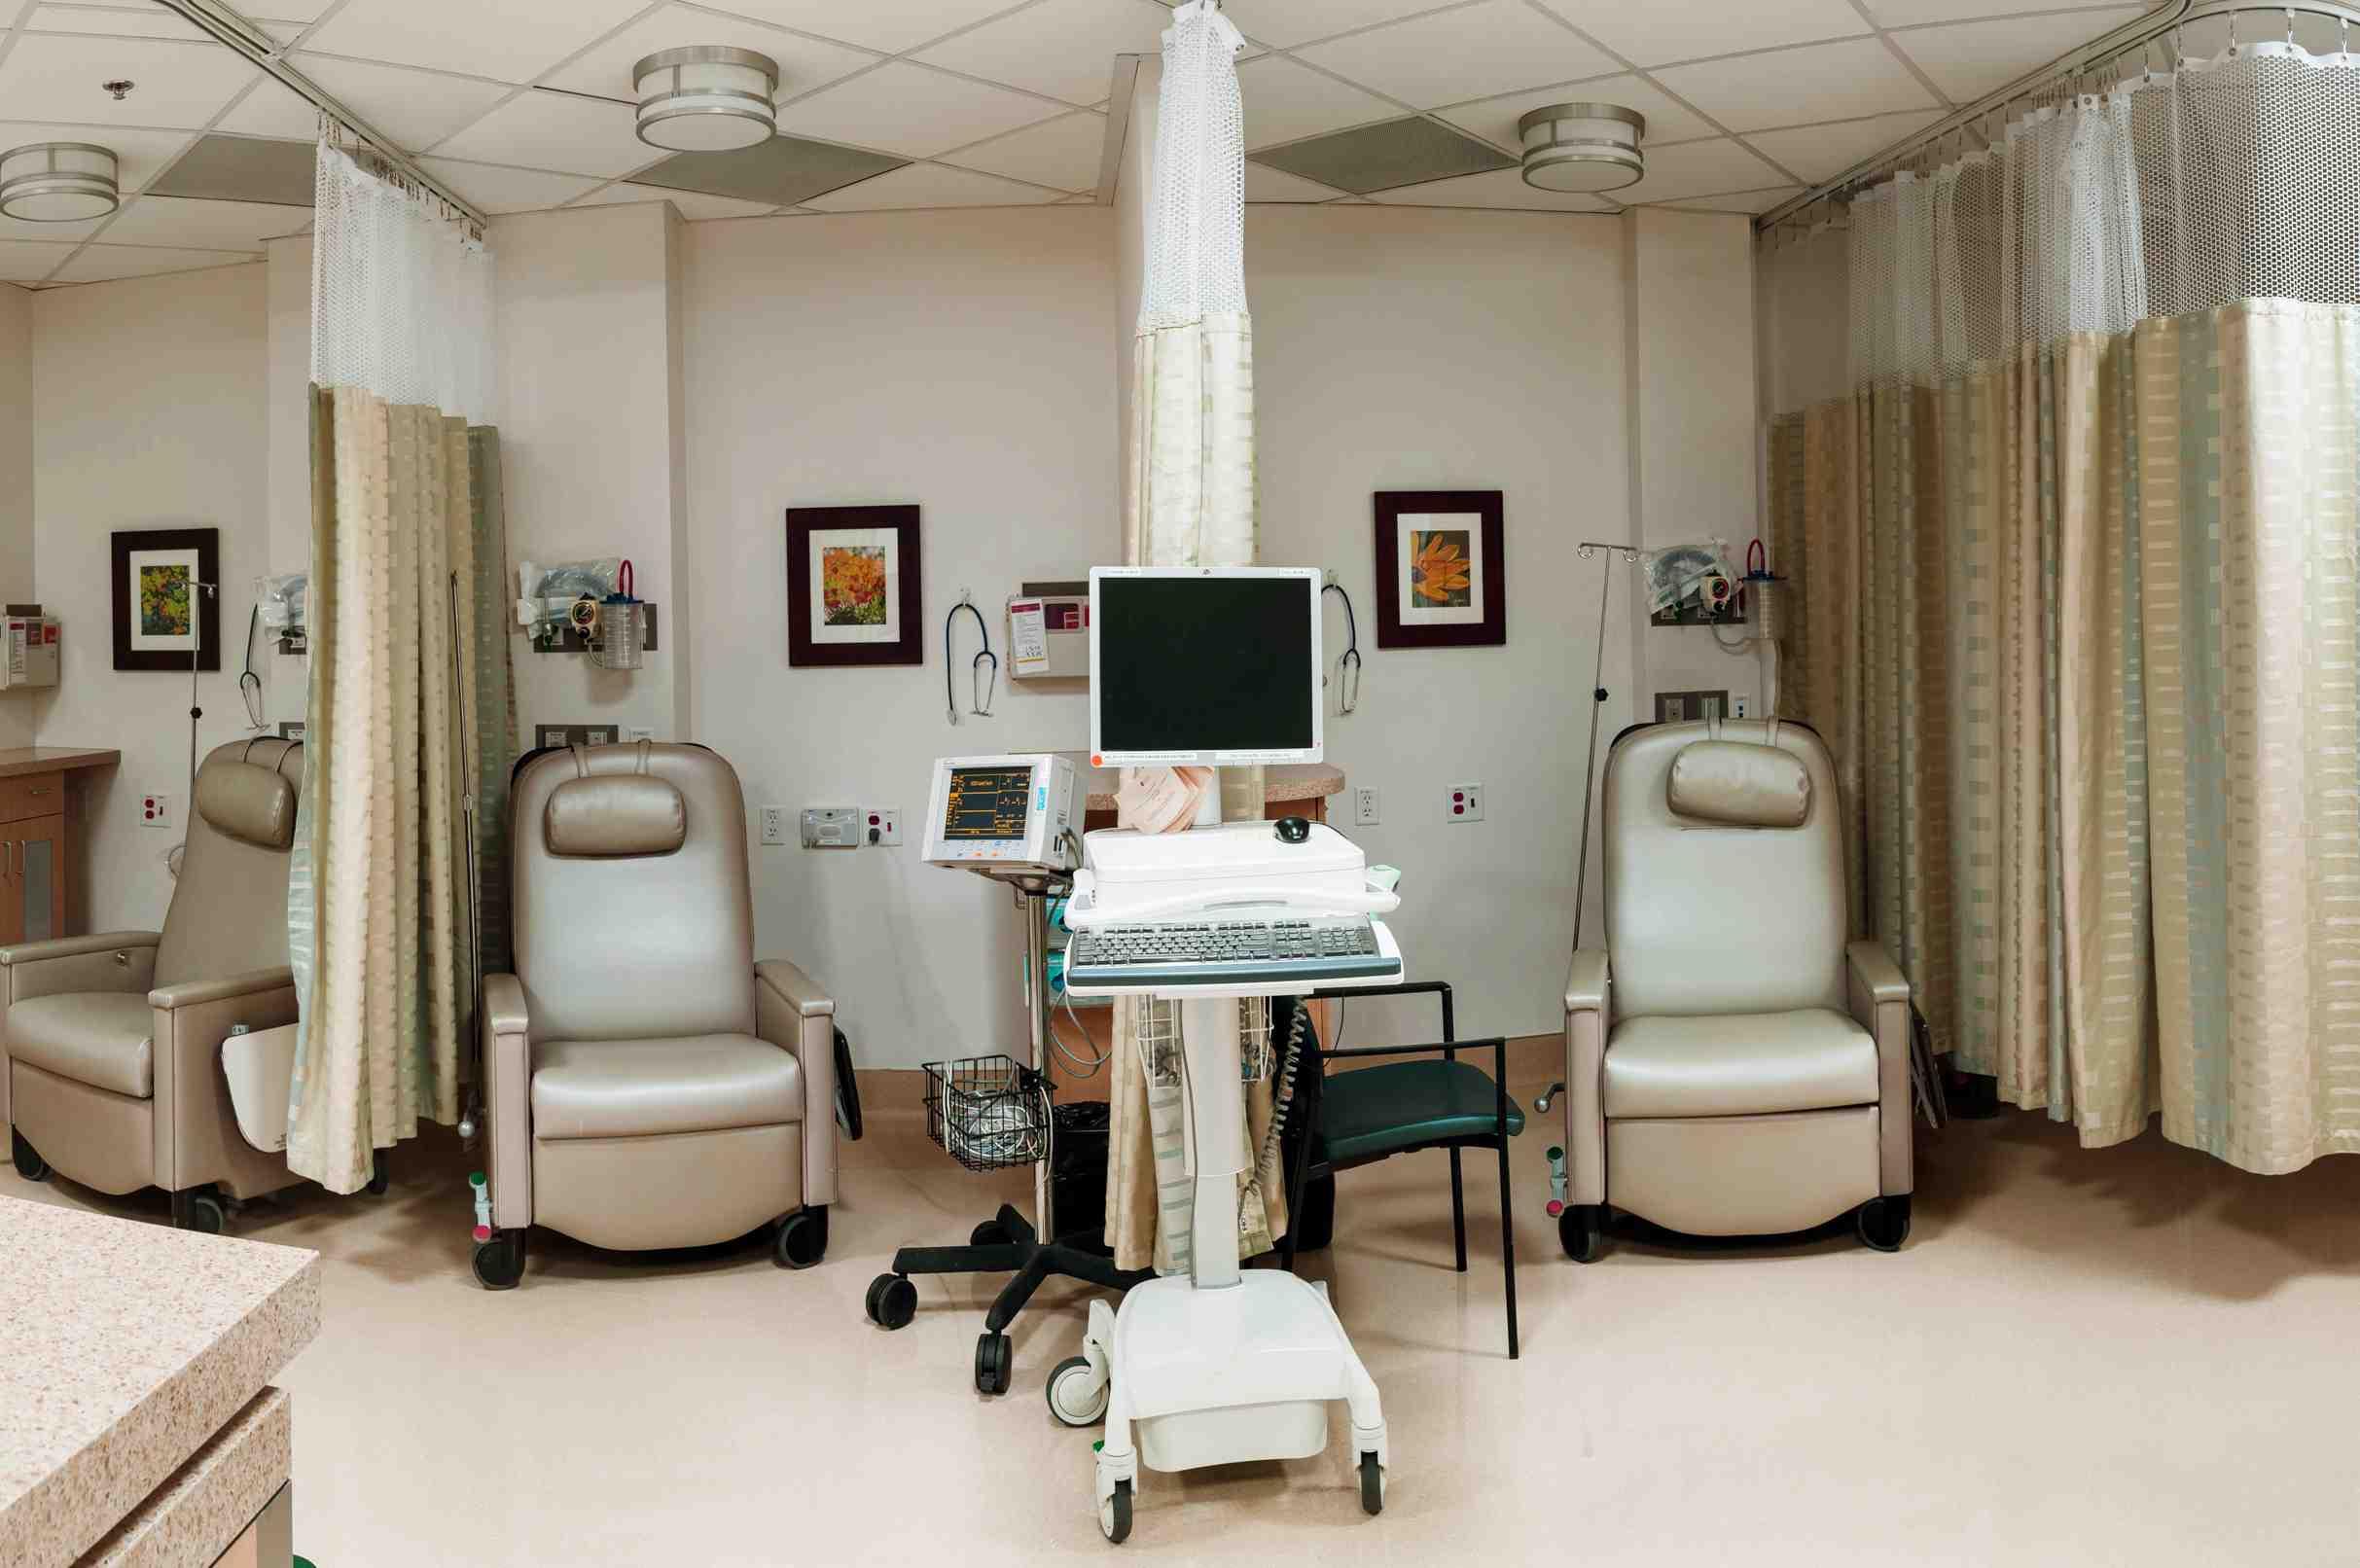 Fresno Surgical Hospital 14